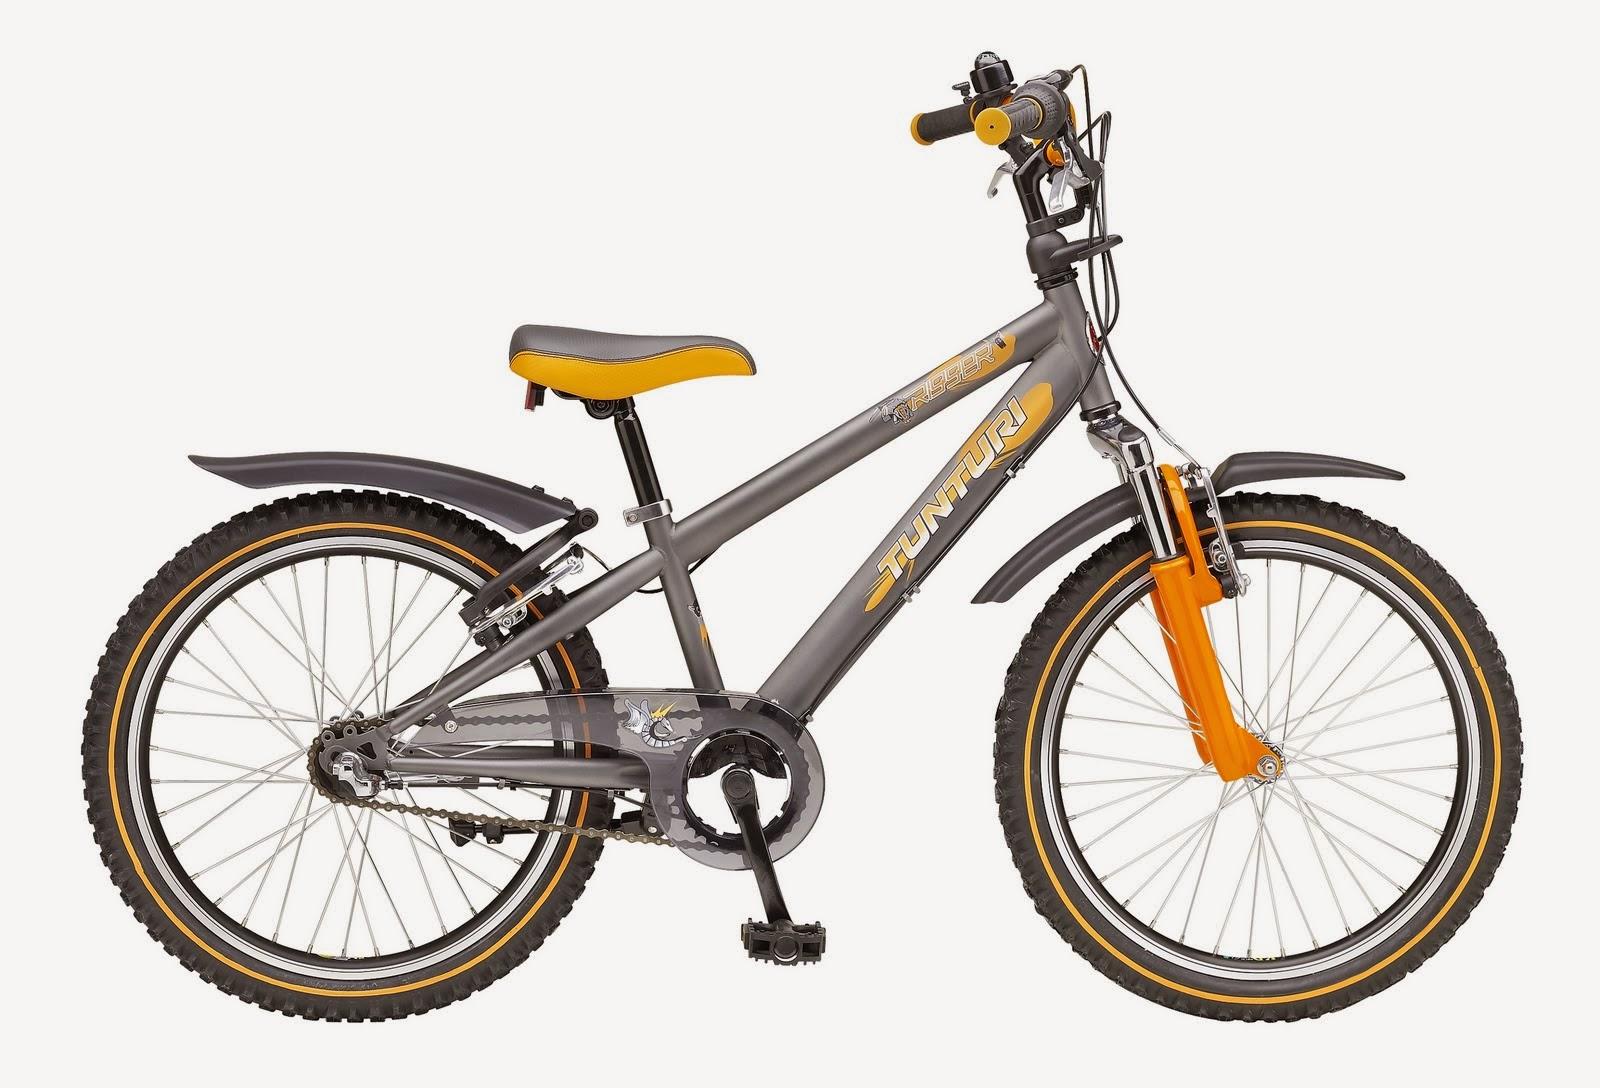 20 Tuumainen Pyörä Minkä Ikäiselle